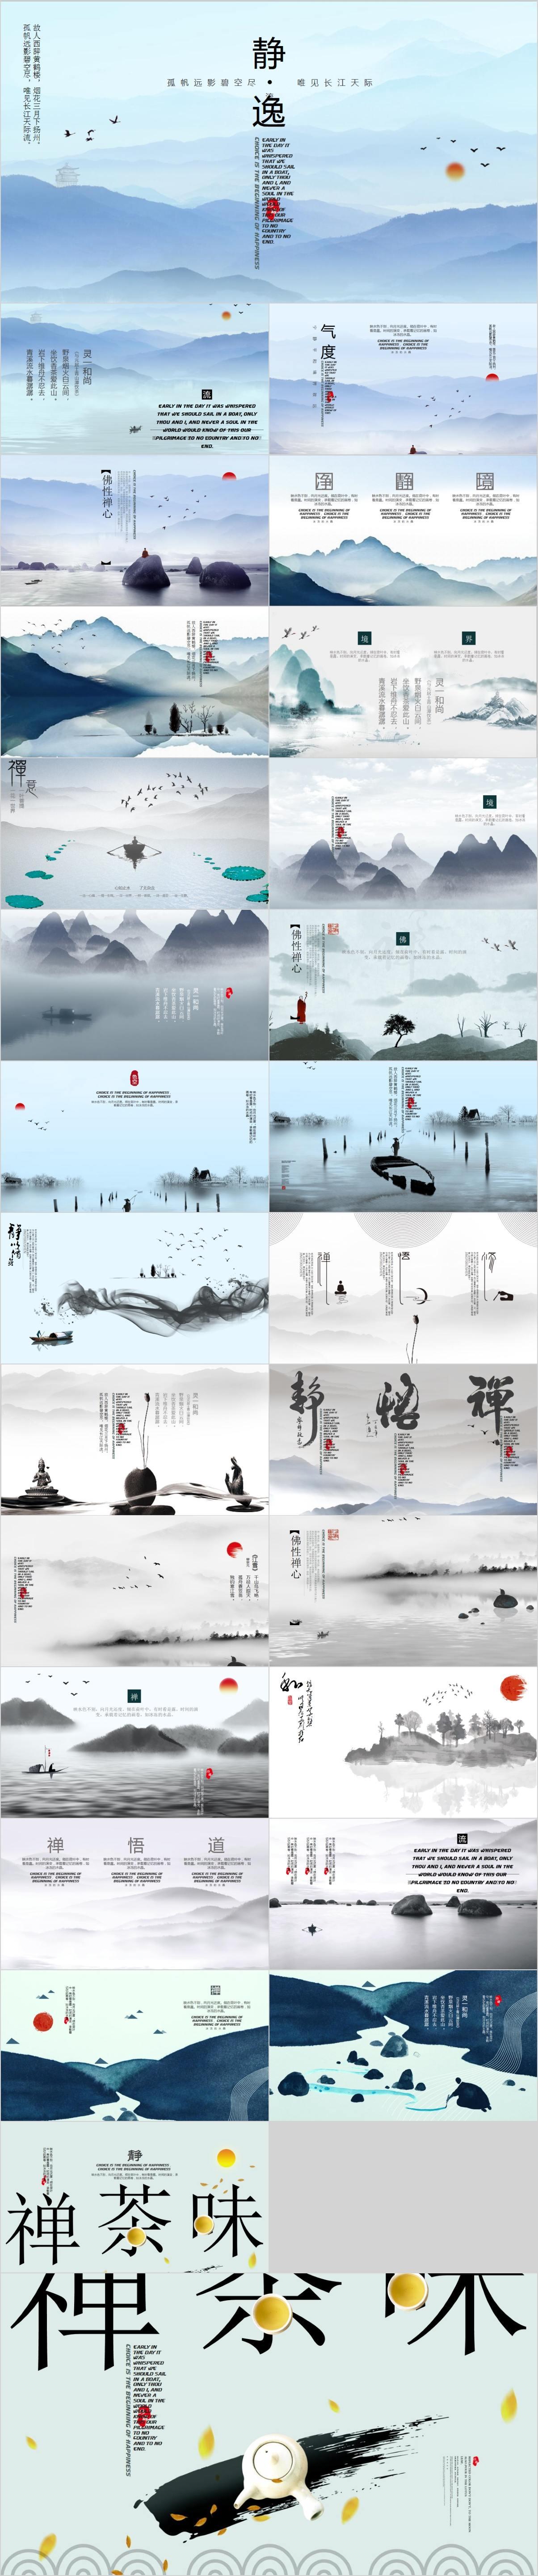 YZ0051 中國風封面合集PPT模板